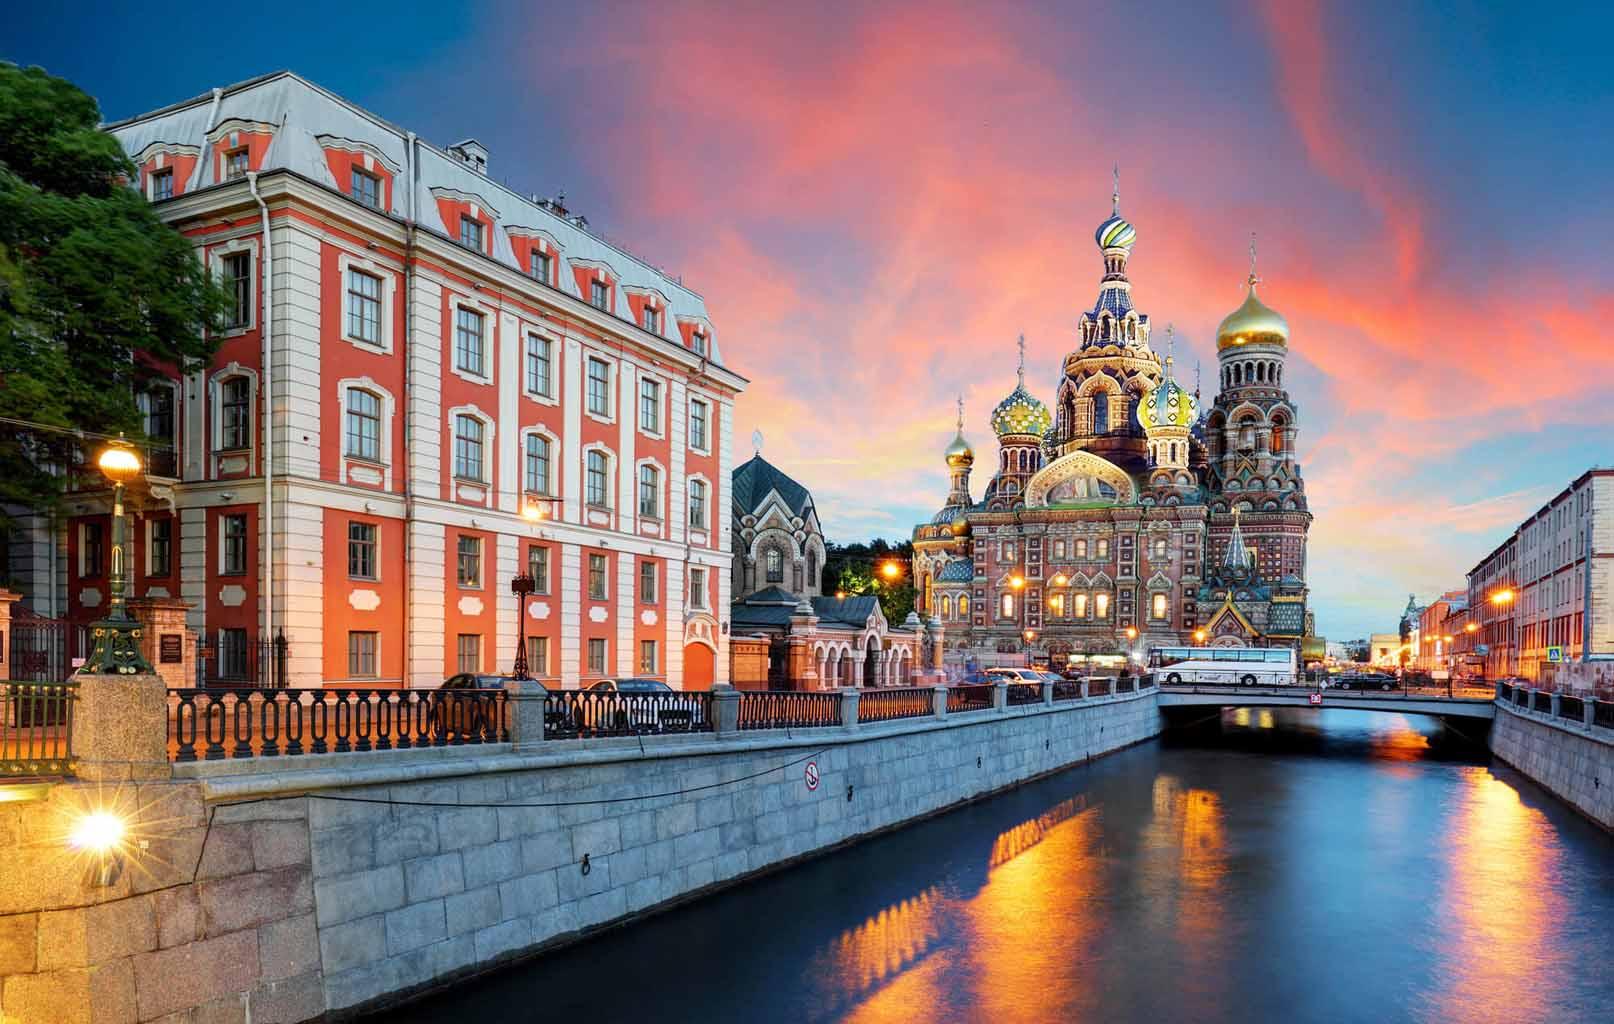 Kết thúc hành trình khám phá nước Nga